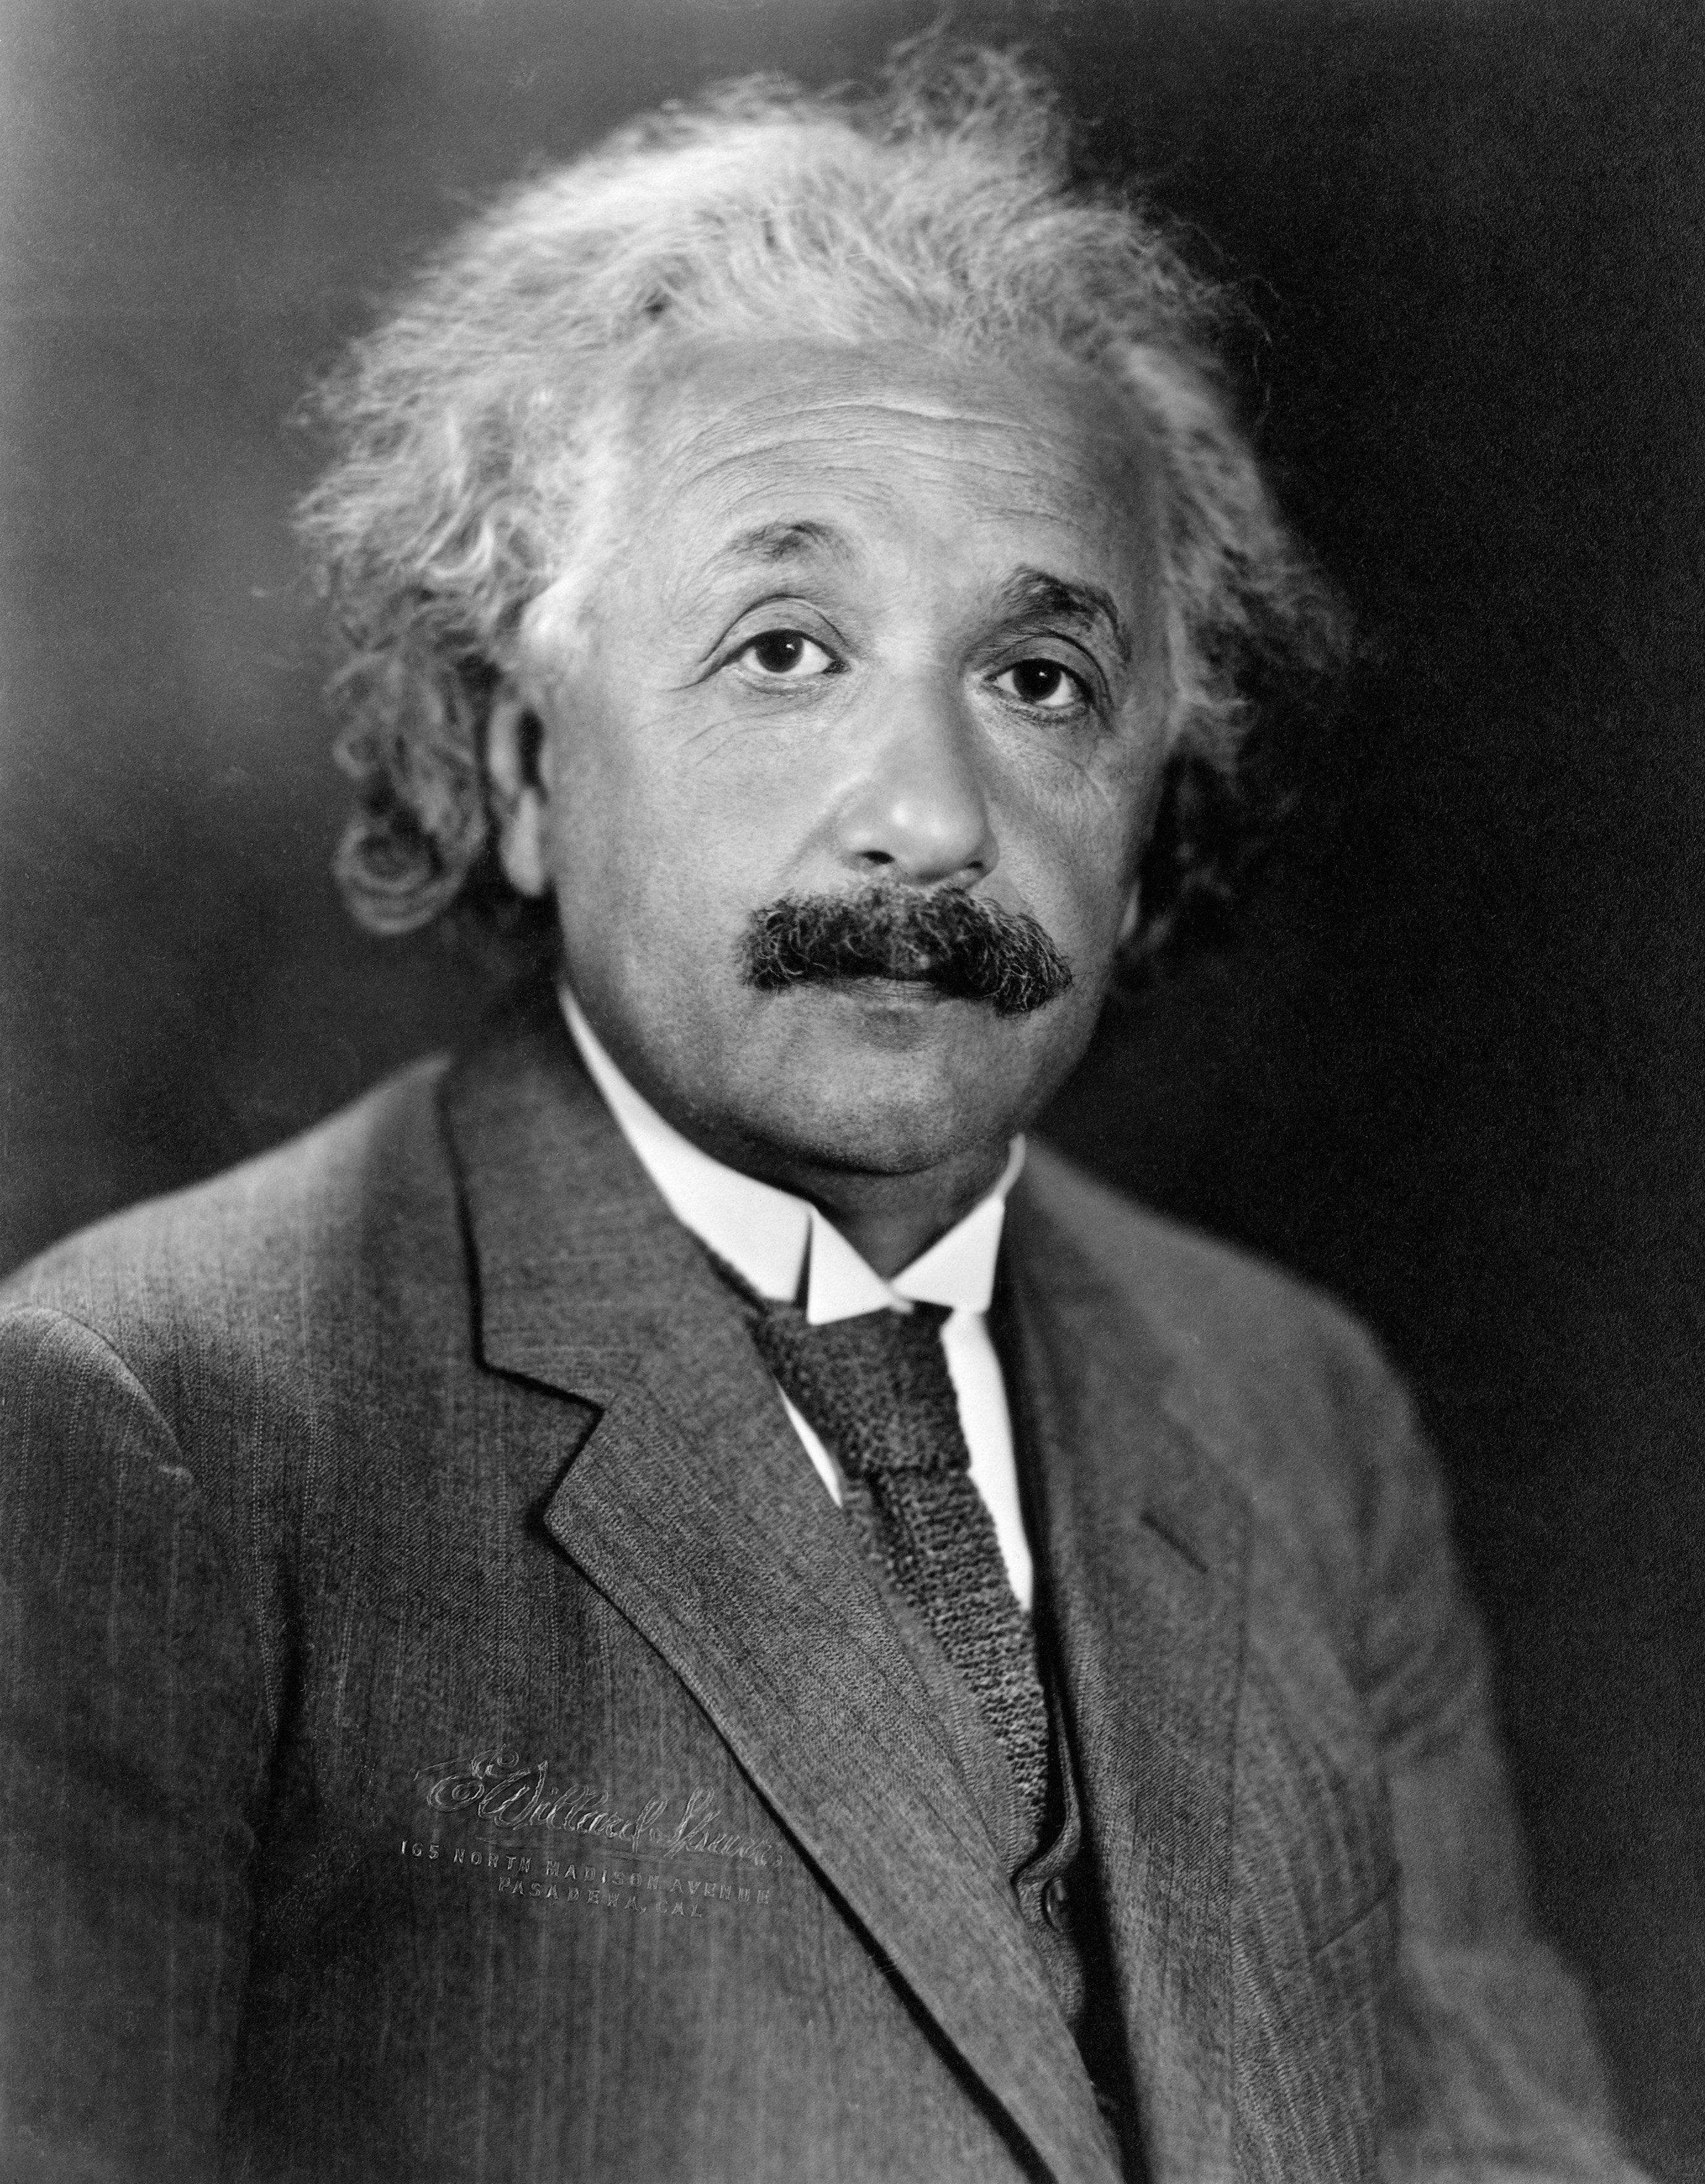 Η άλλη πλευρά του Einstein: Ψυχρός, άπιστος, ζηλόφθονος και